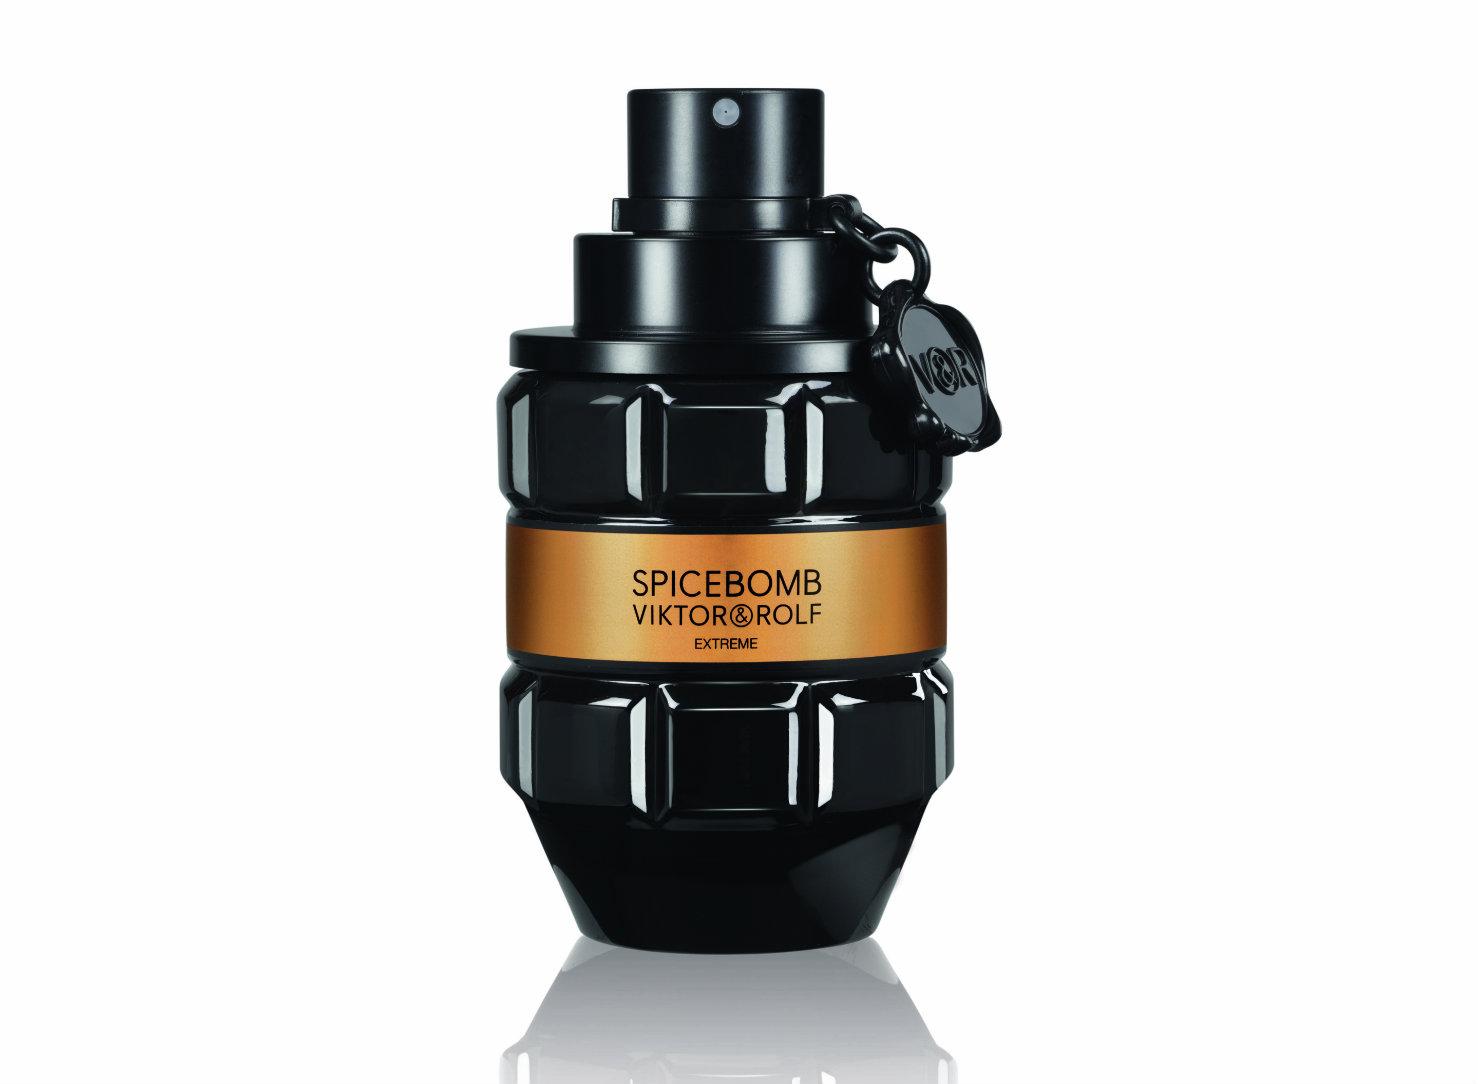 SpicebombLe L'extreme Nouveau Parfum De De Parfum SpicebombLe Nouveau rCQEdxWBoe